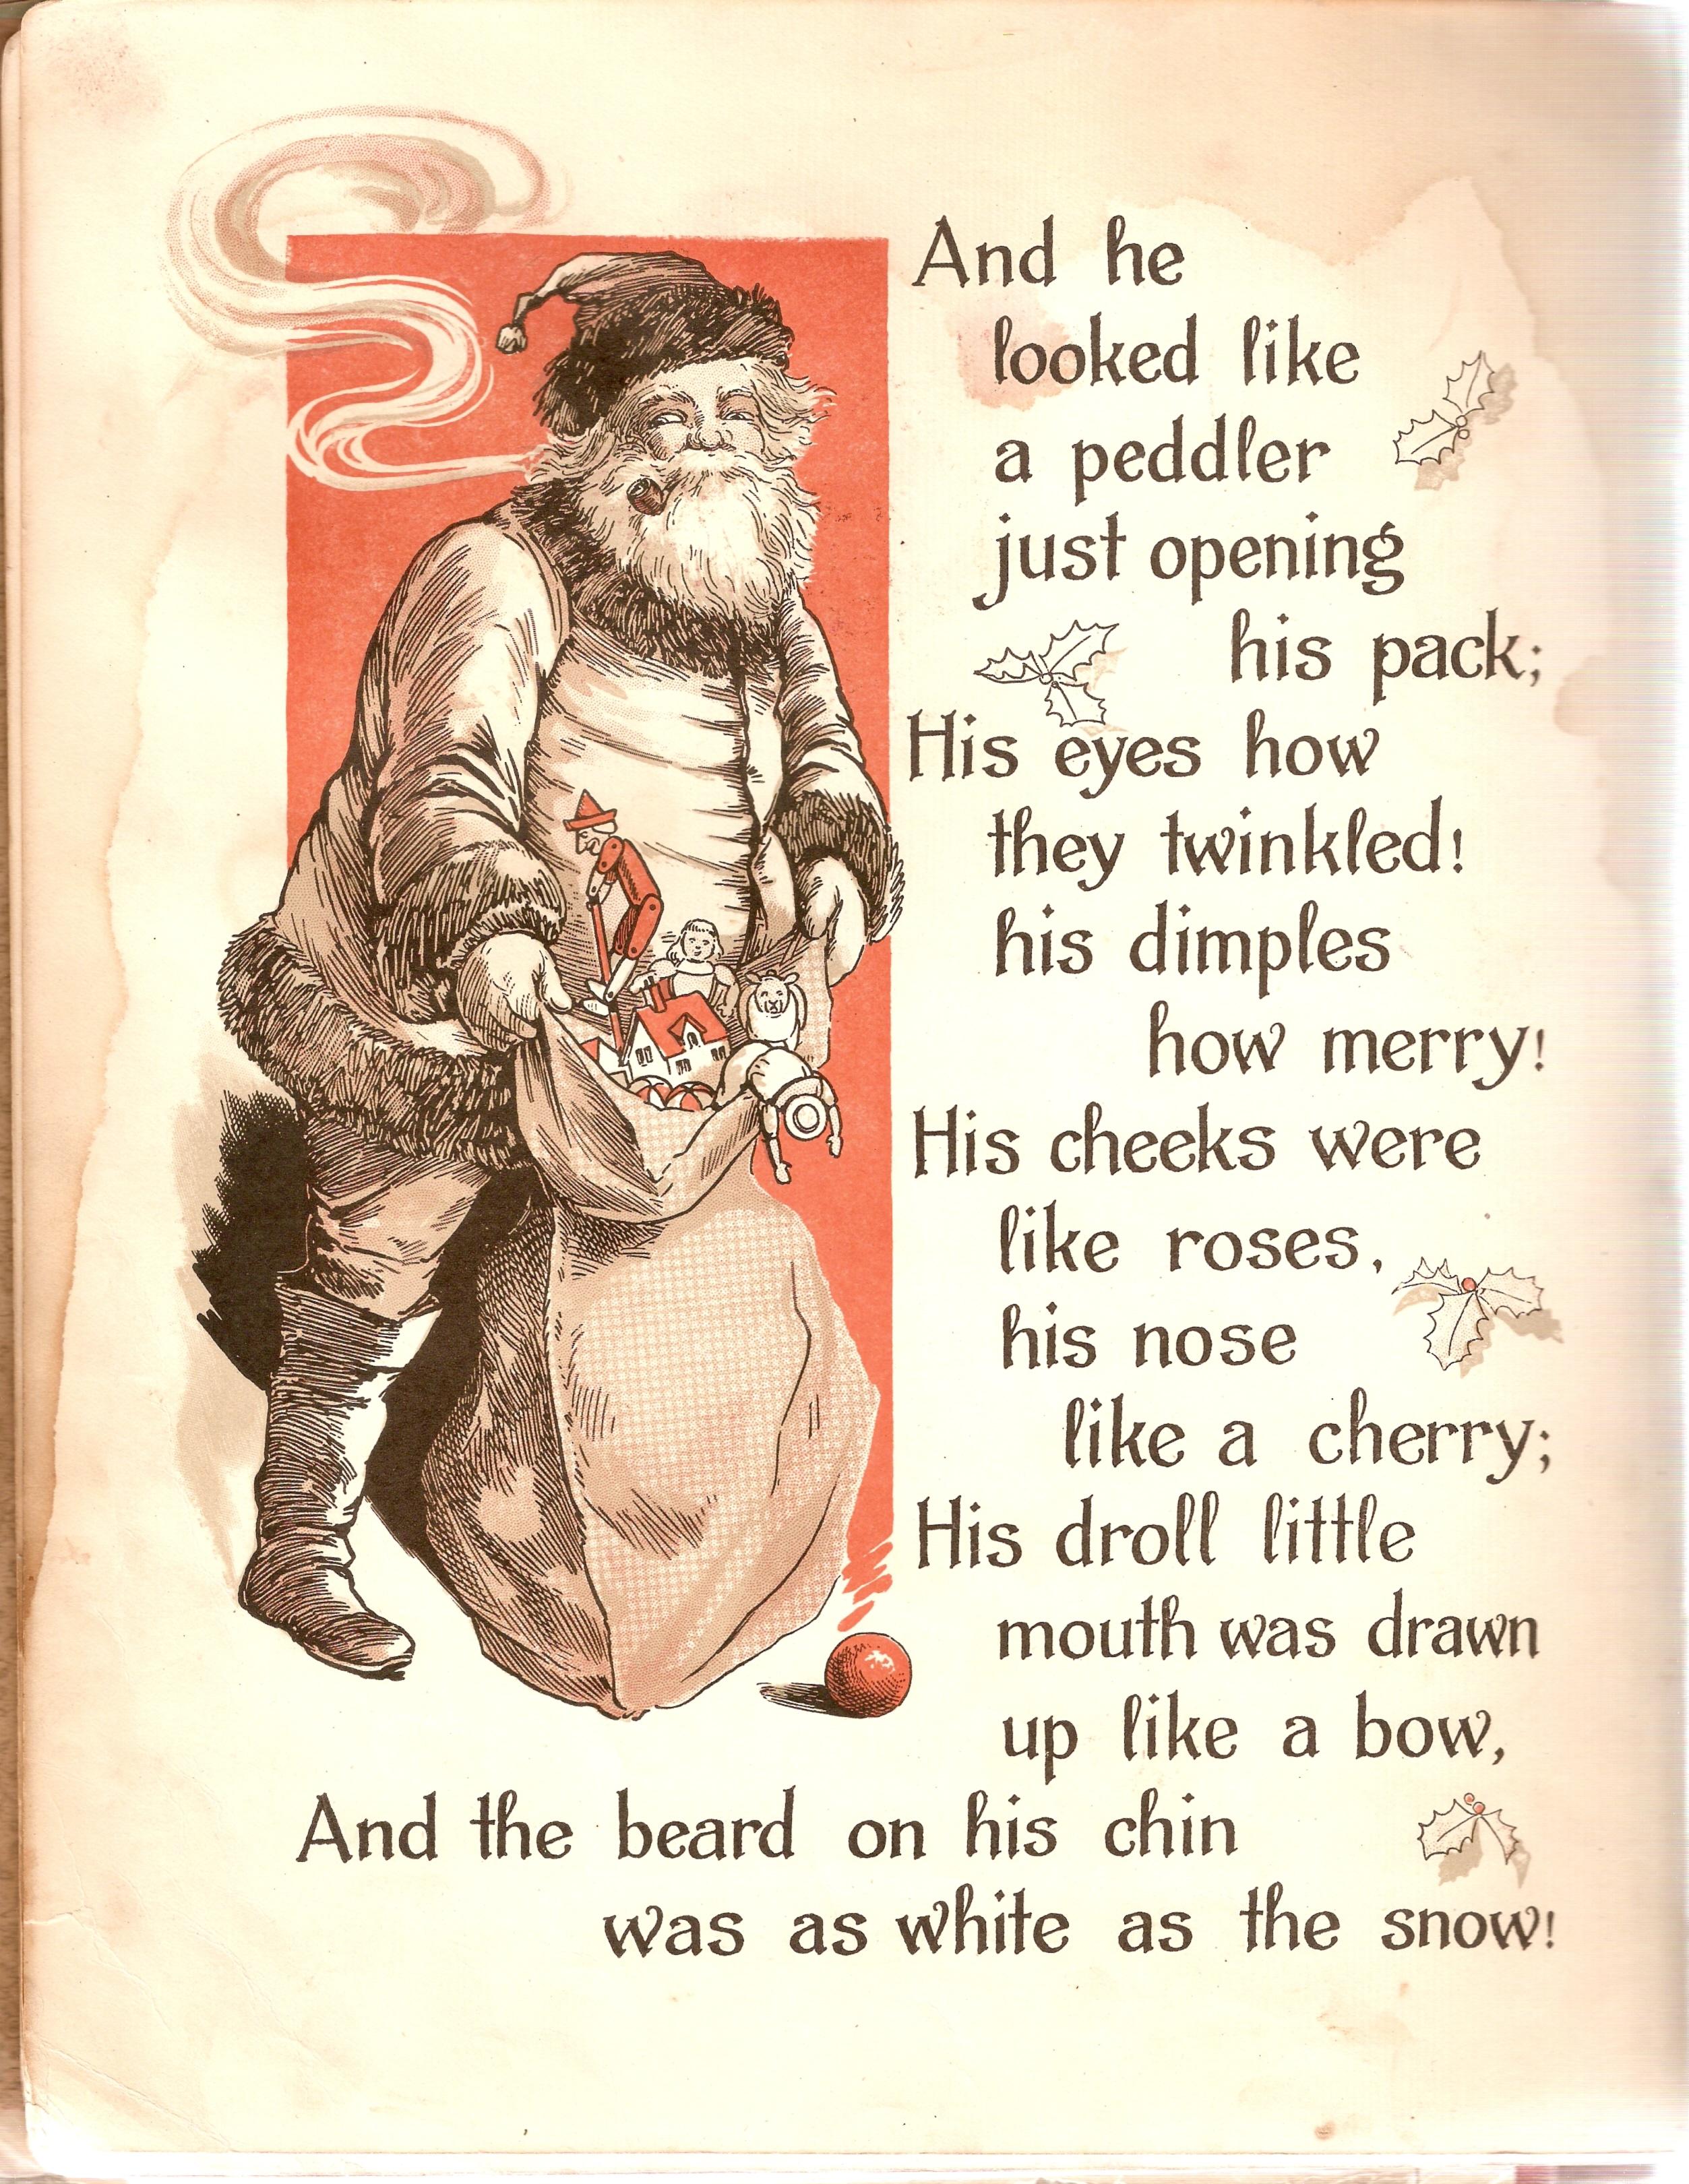 An Old Christmas Treasure | Humor Me